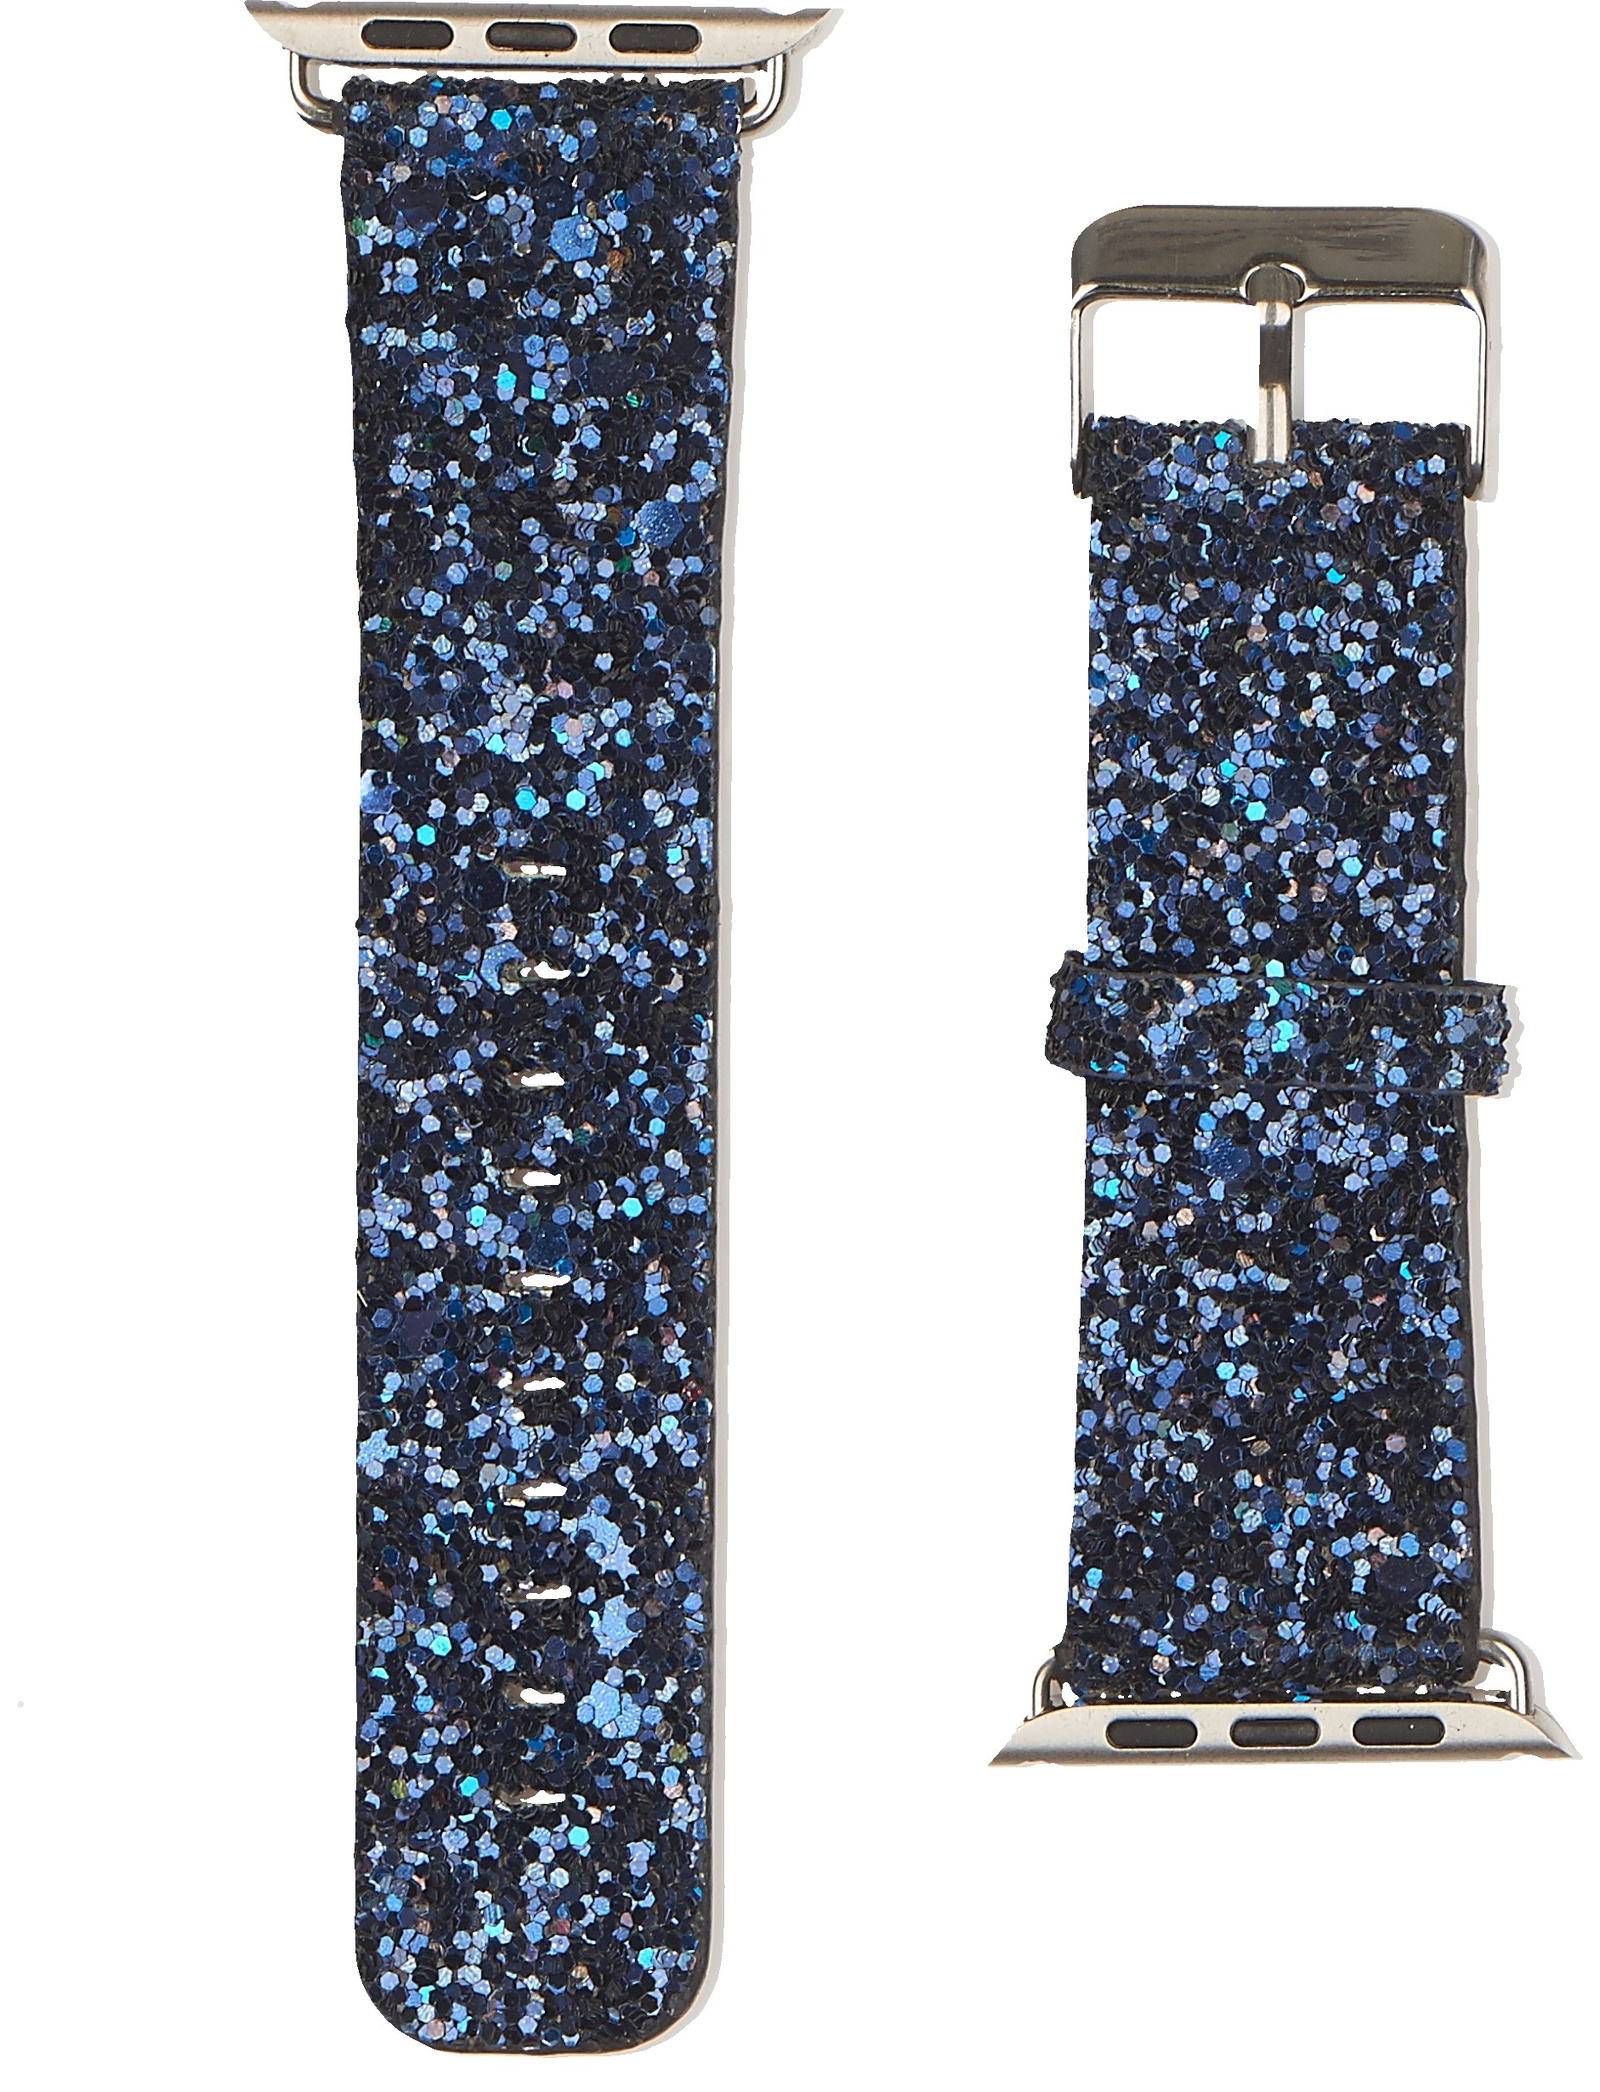 Ремешок для смарт-часов Simolina Ремешок из натуральной кожи блестящий, цвет глубокий синий для Apple Watch 42 mm, темно-синий ремешок apple sport loop для watch 38 мм темно синий